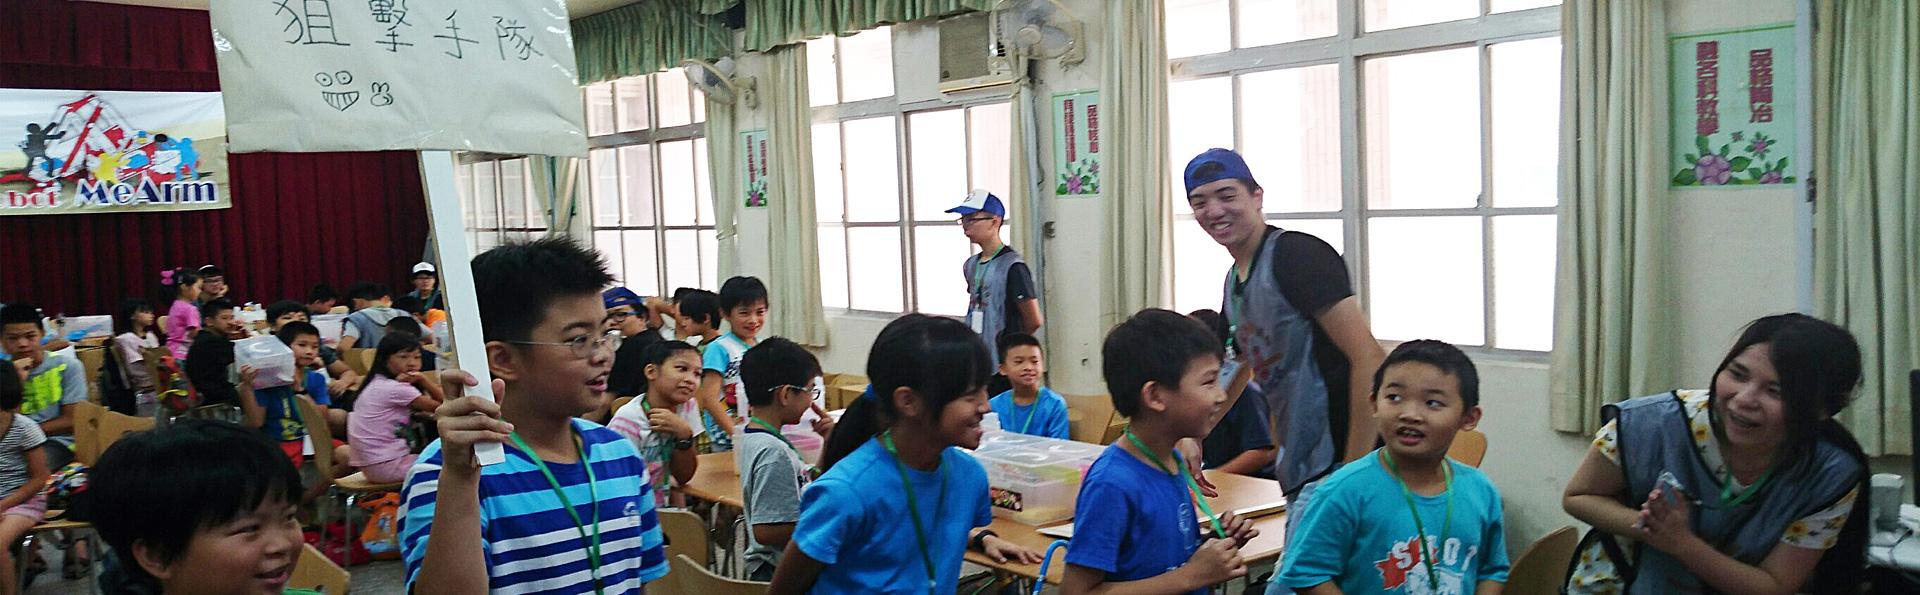 在課程活動中讓孩子們自我成長